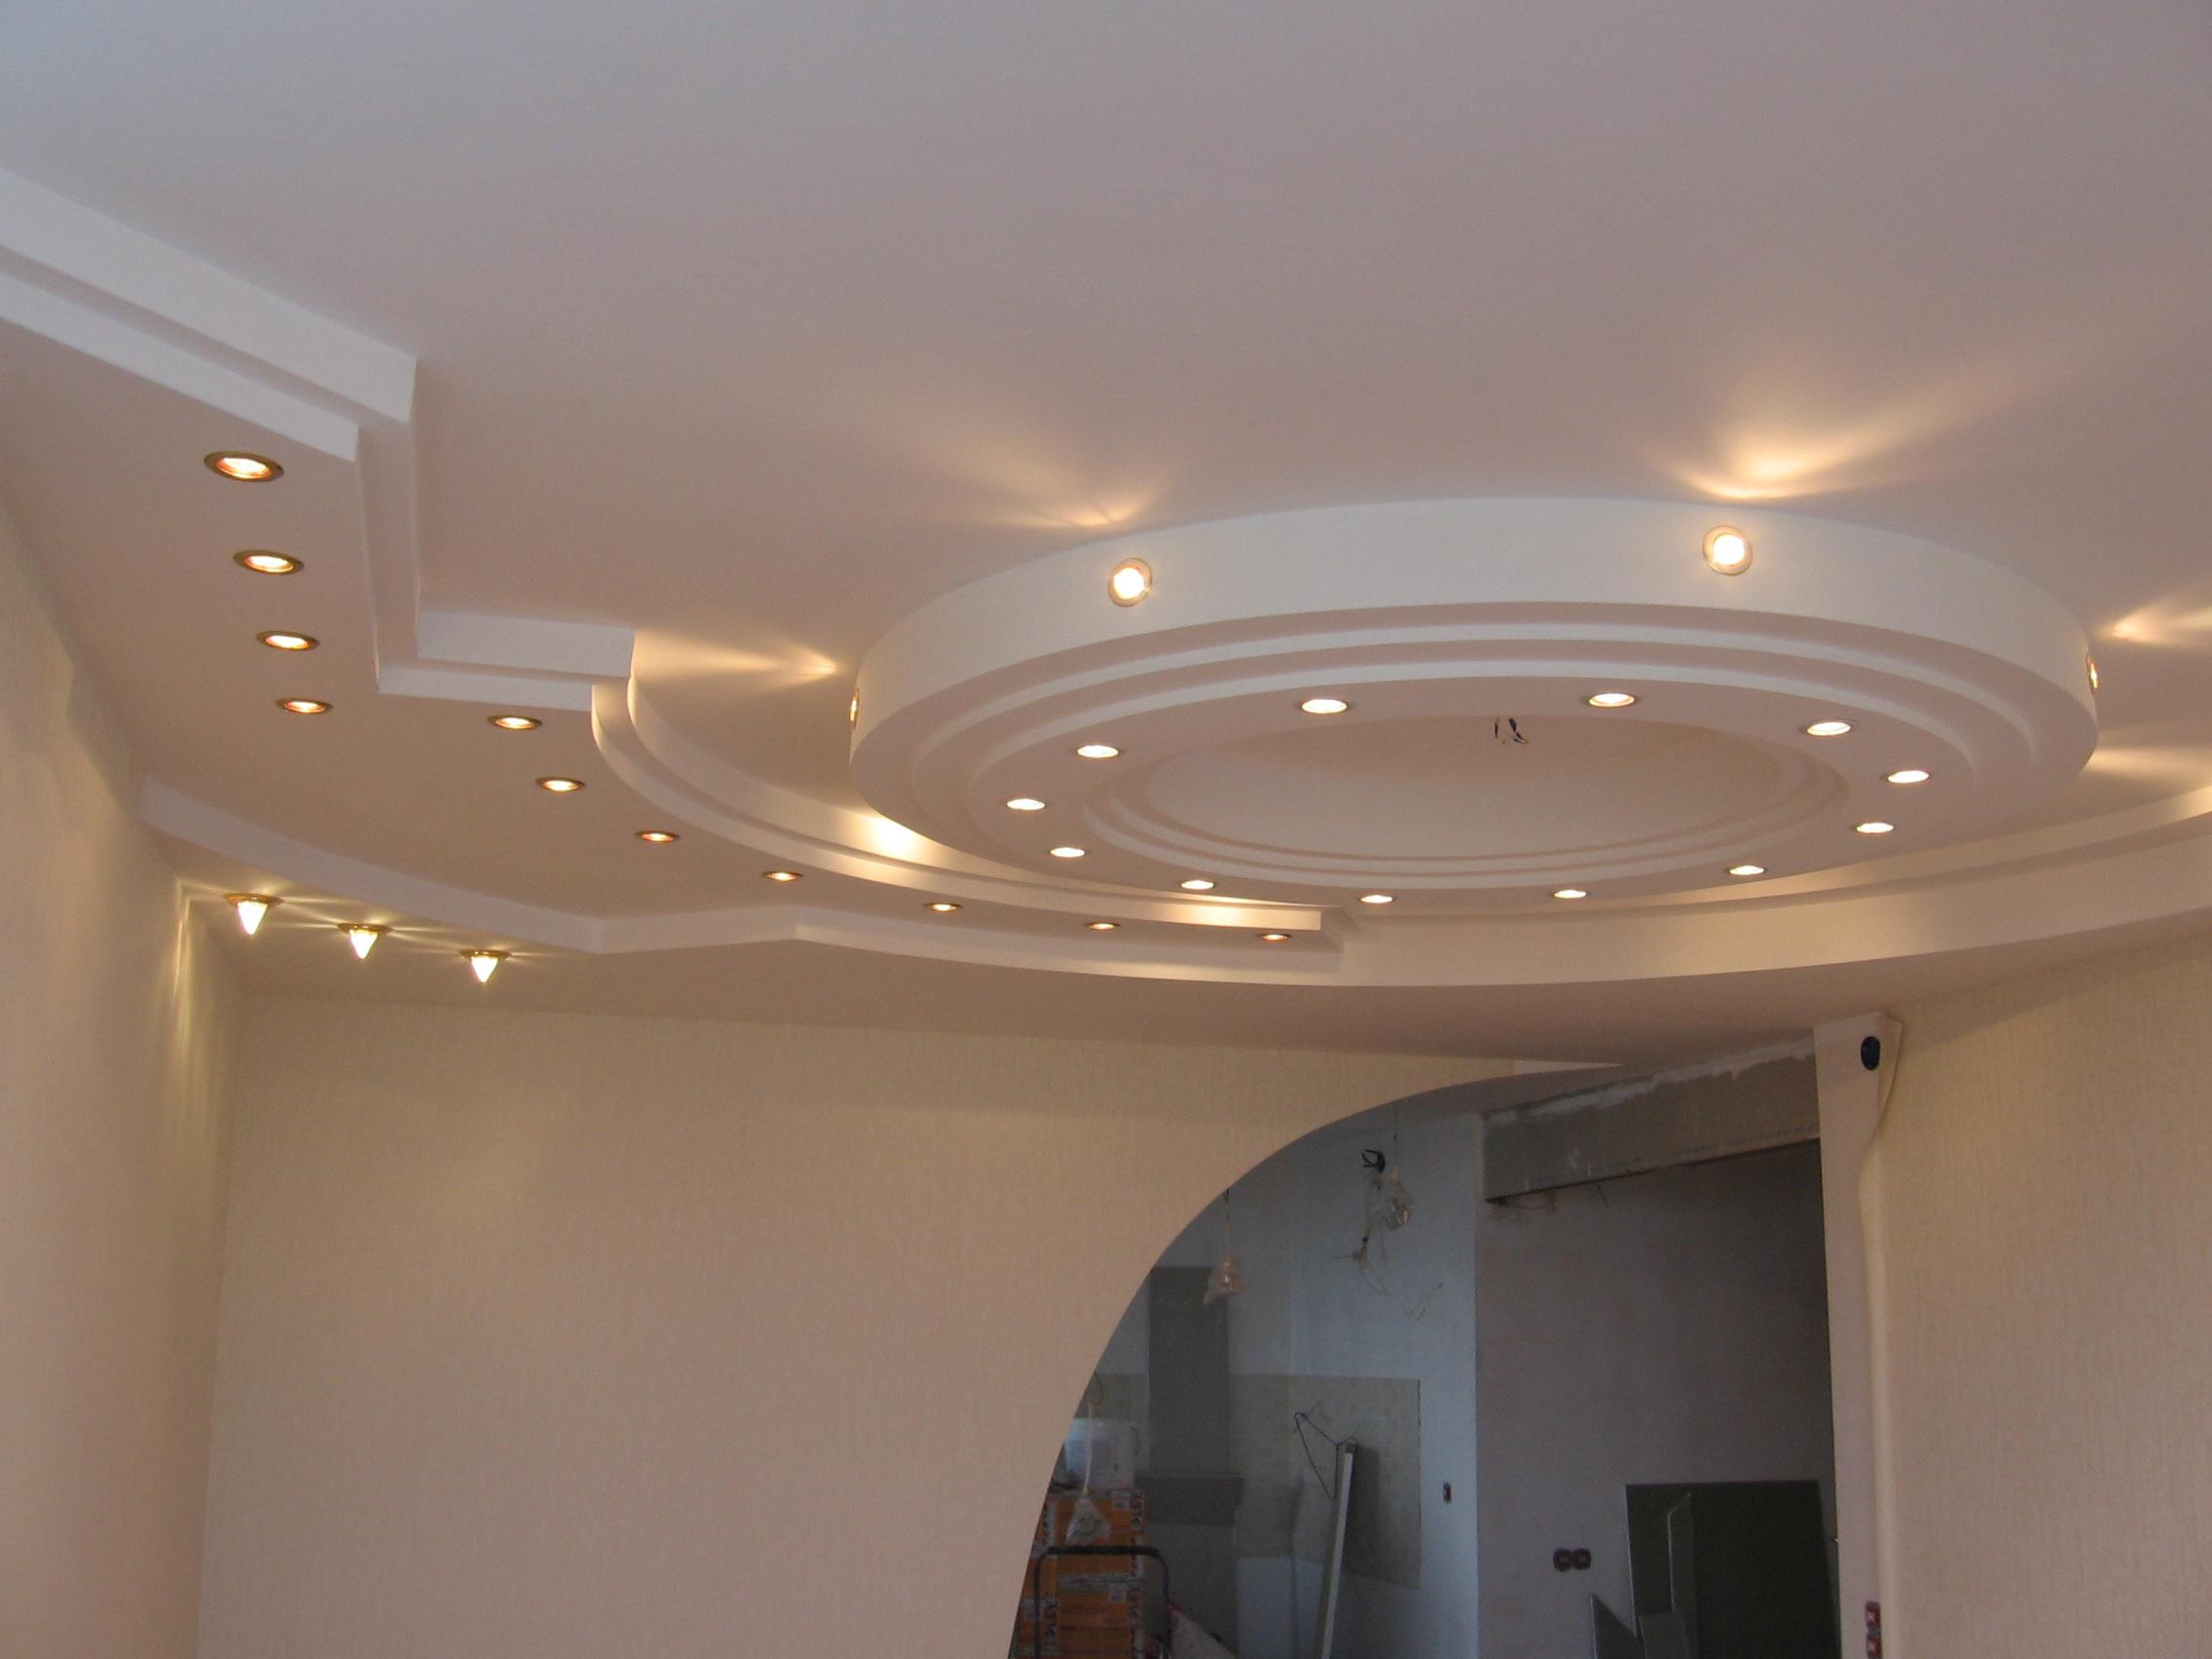 Гипсокартонный подвесной потолок с точечными светильниками